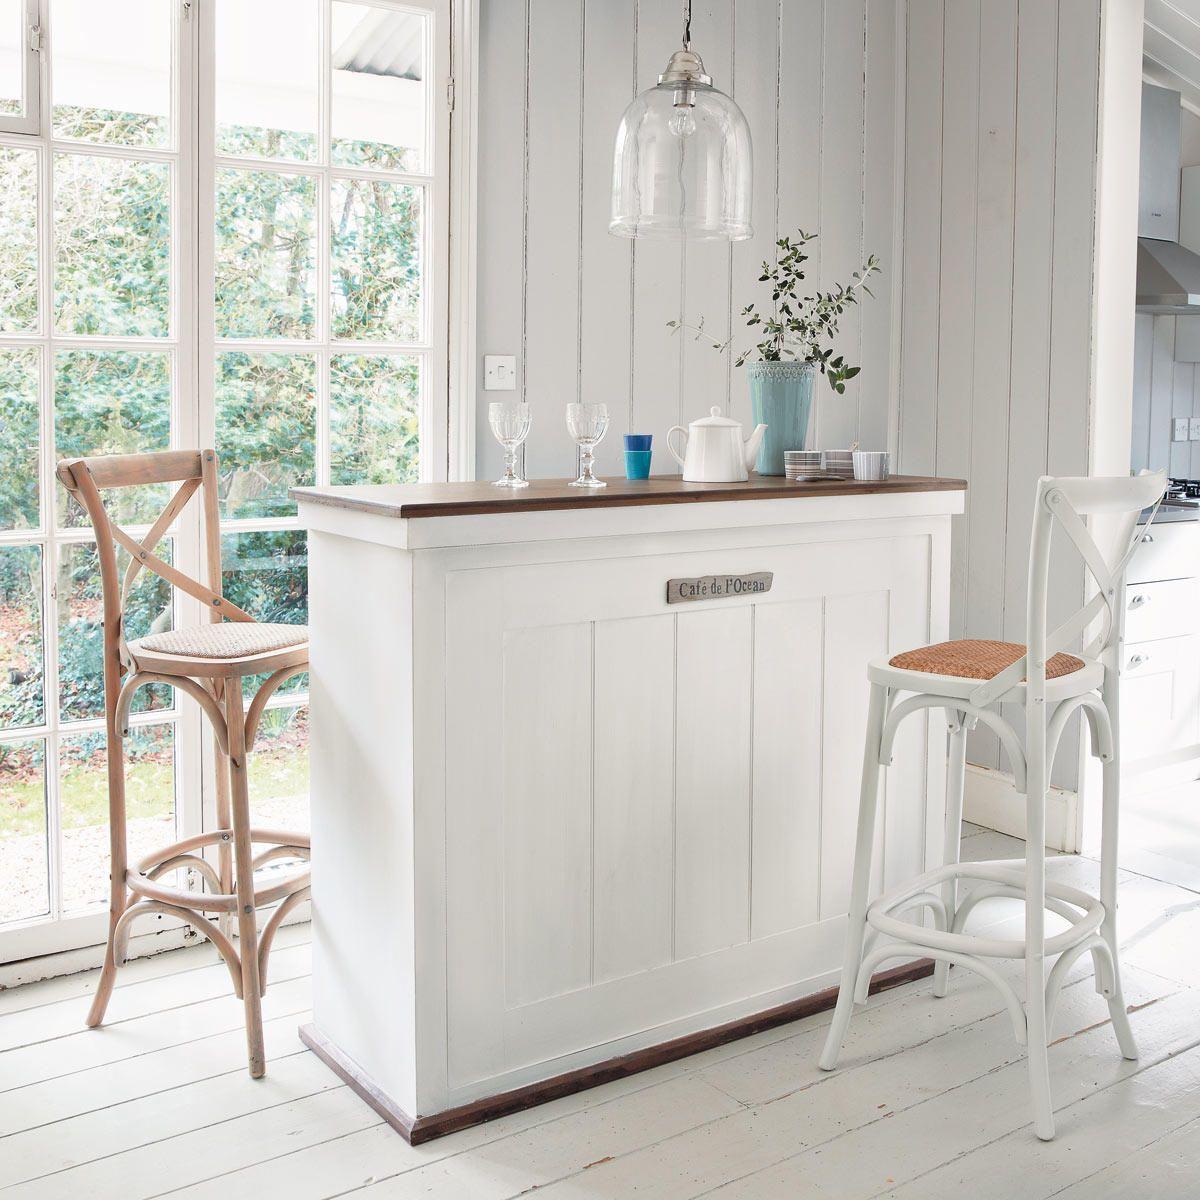 Meuble de bar avec tiroirs en bois blanc L129 | Déco | Meuble bar ...